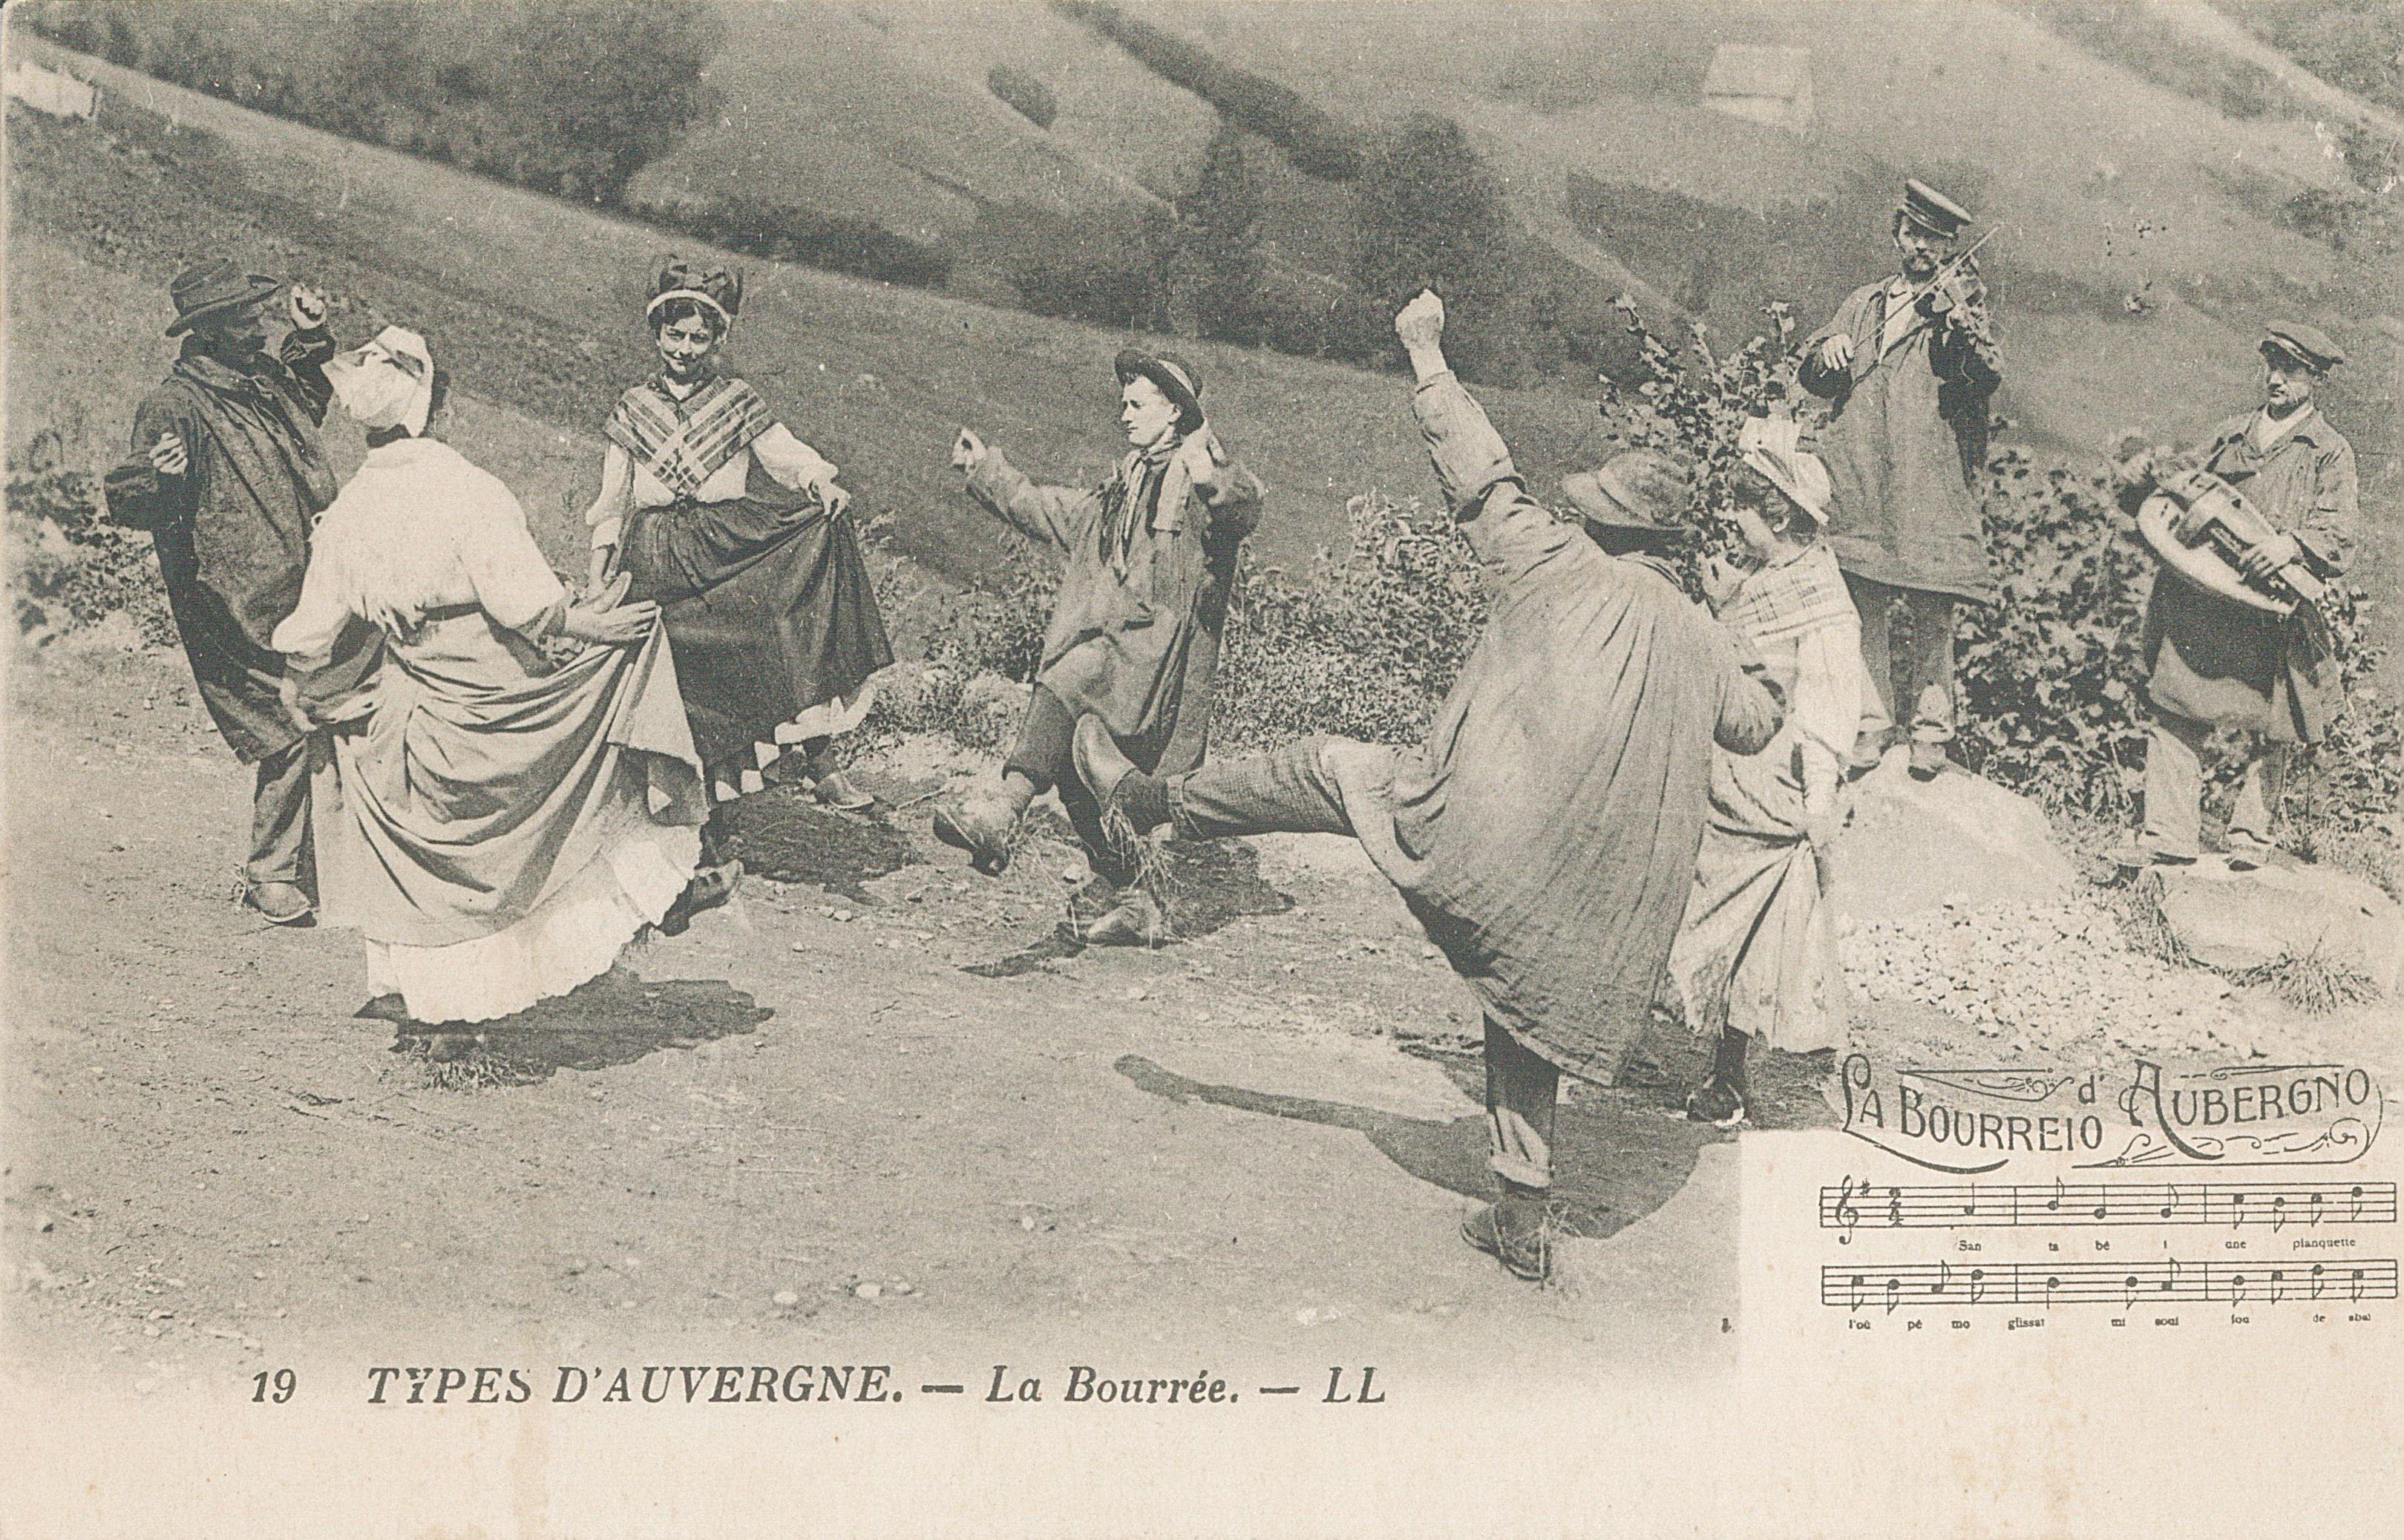 Archivo:Types d'Auvergne - La Bourrée (carte postale).jpg ...